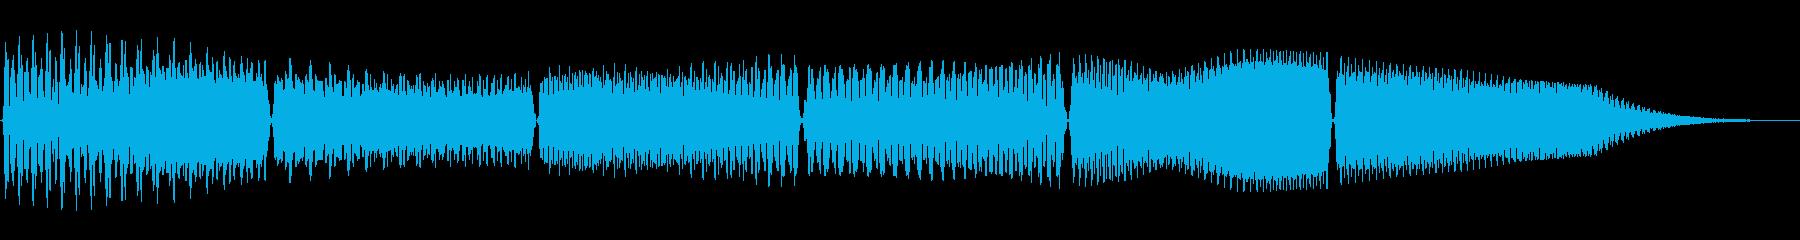 スワイプやゲームの操作時用のコミカルな音の再生済みの波形